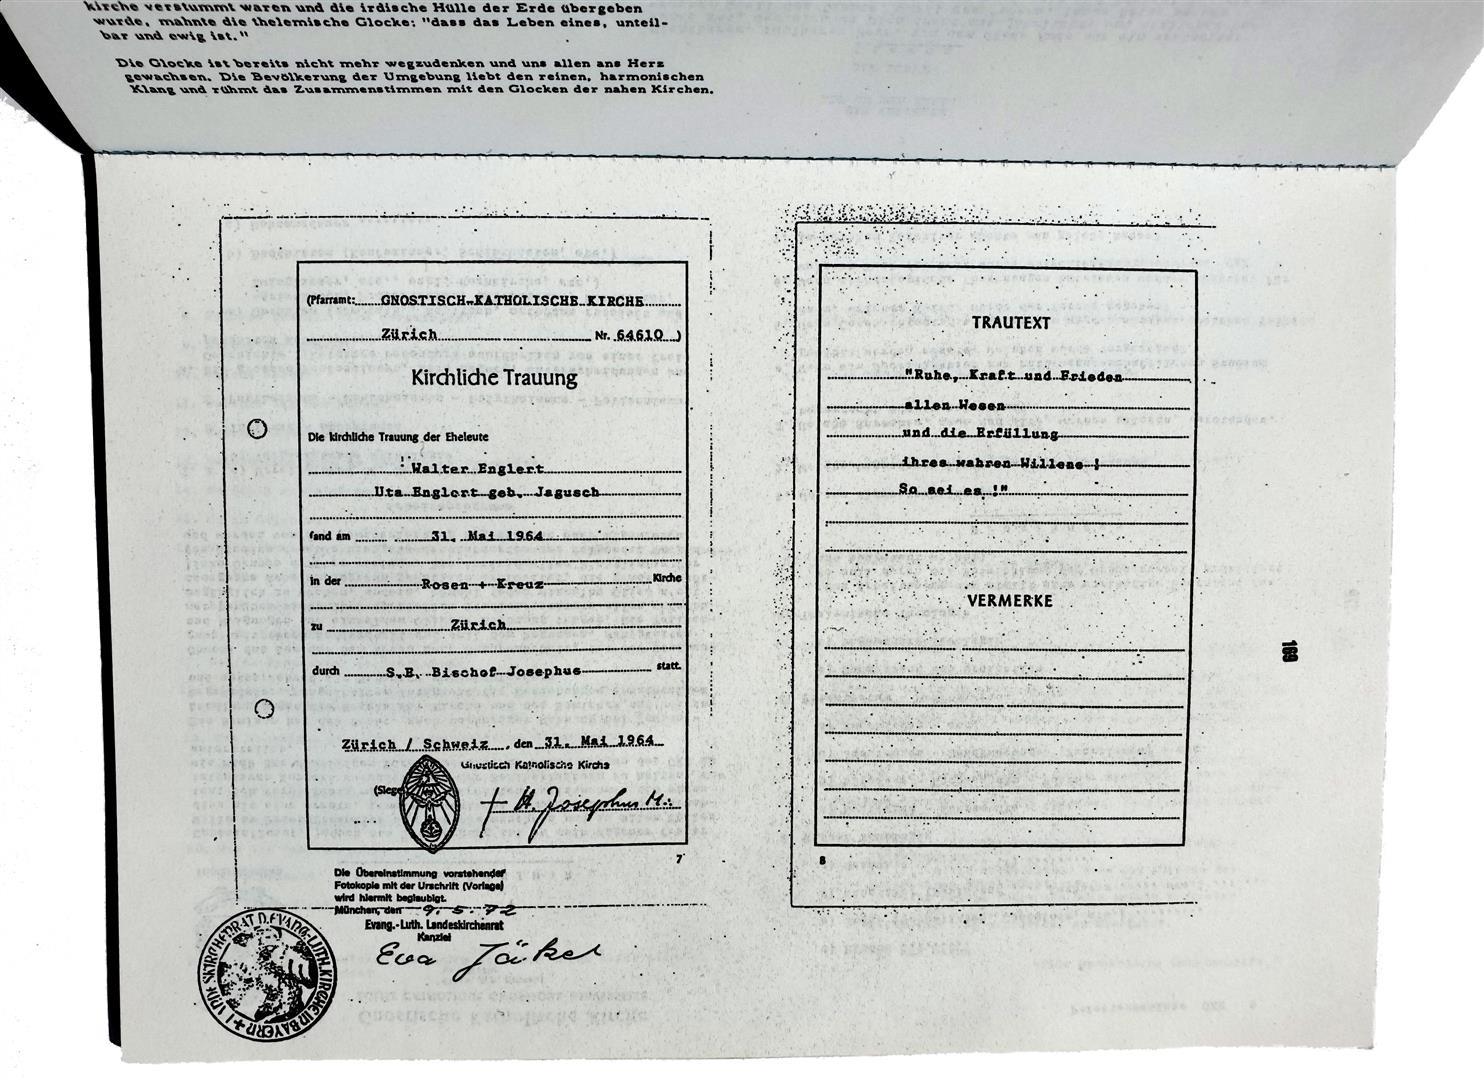 Hermann Joseph Metzger Walter Englert Gnostisch Katholische Kirche Rose und Kreuz Bishop Josephus M+